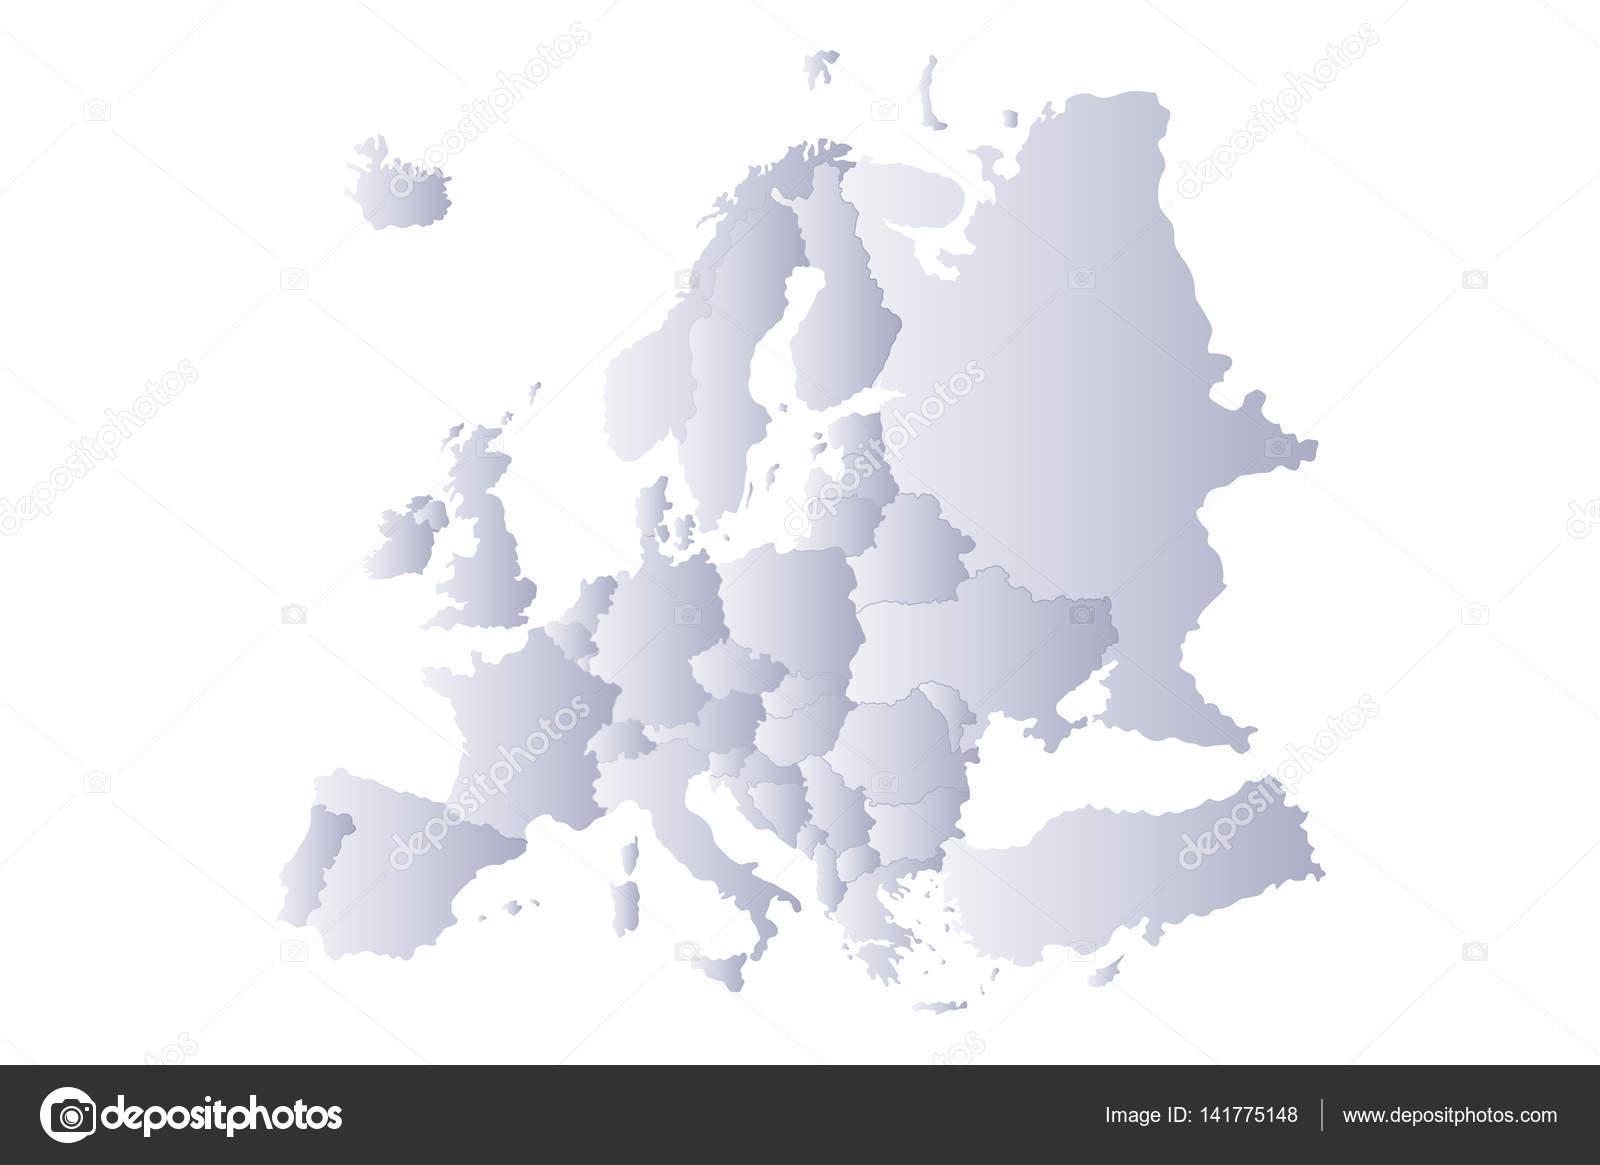 Carte Europe Grise.Carte Europe Gris Image Vectorielle Noche0 C 141775148